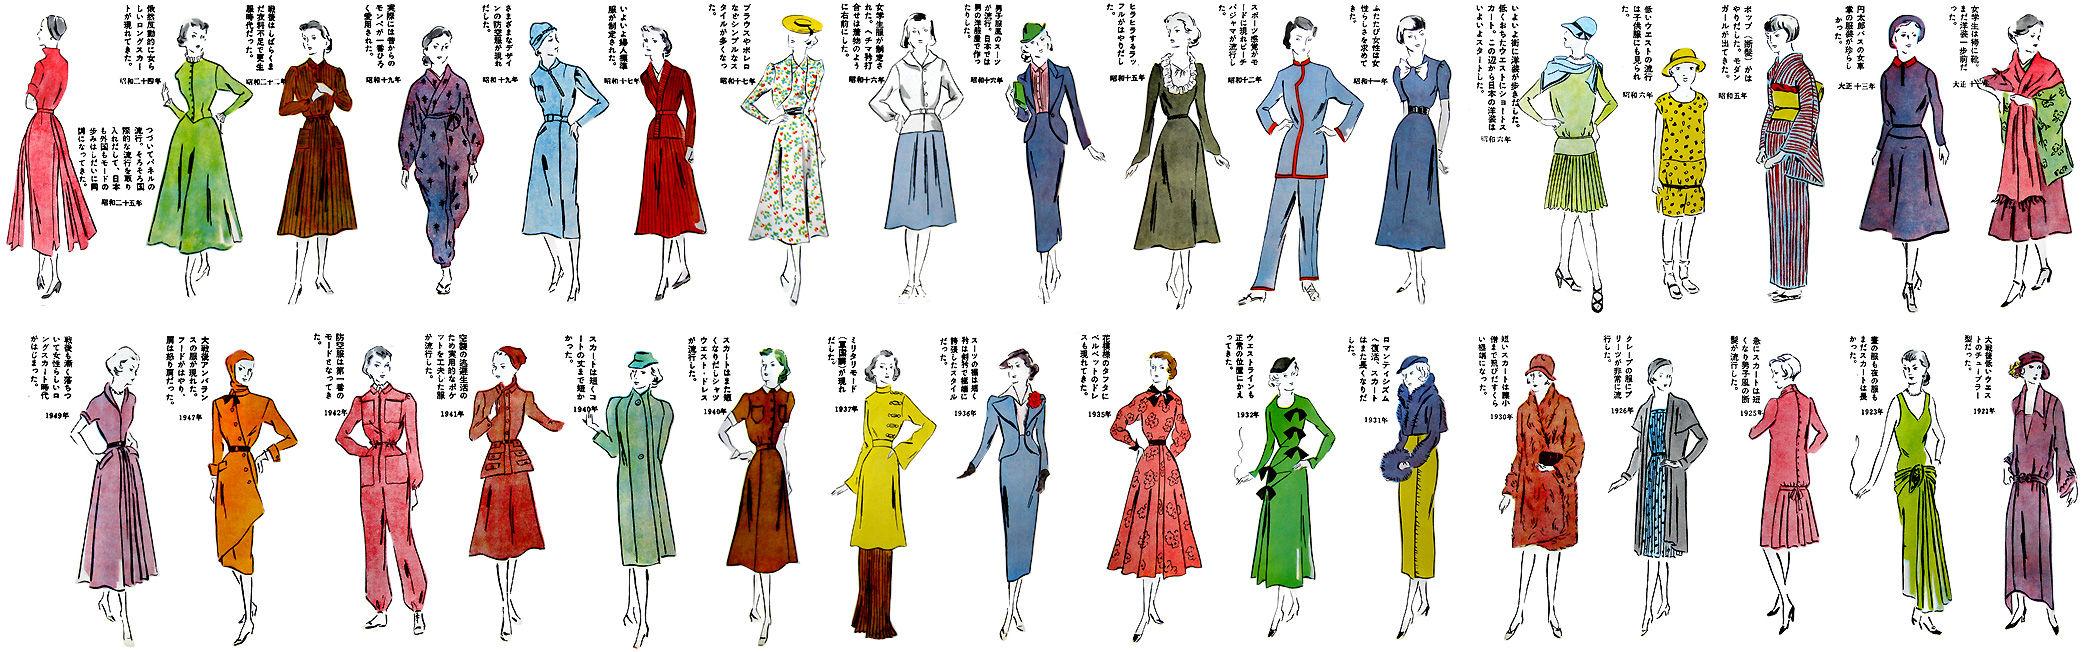 昭和以降の洋装の歴史、S28年版02  むかしの装い